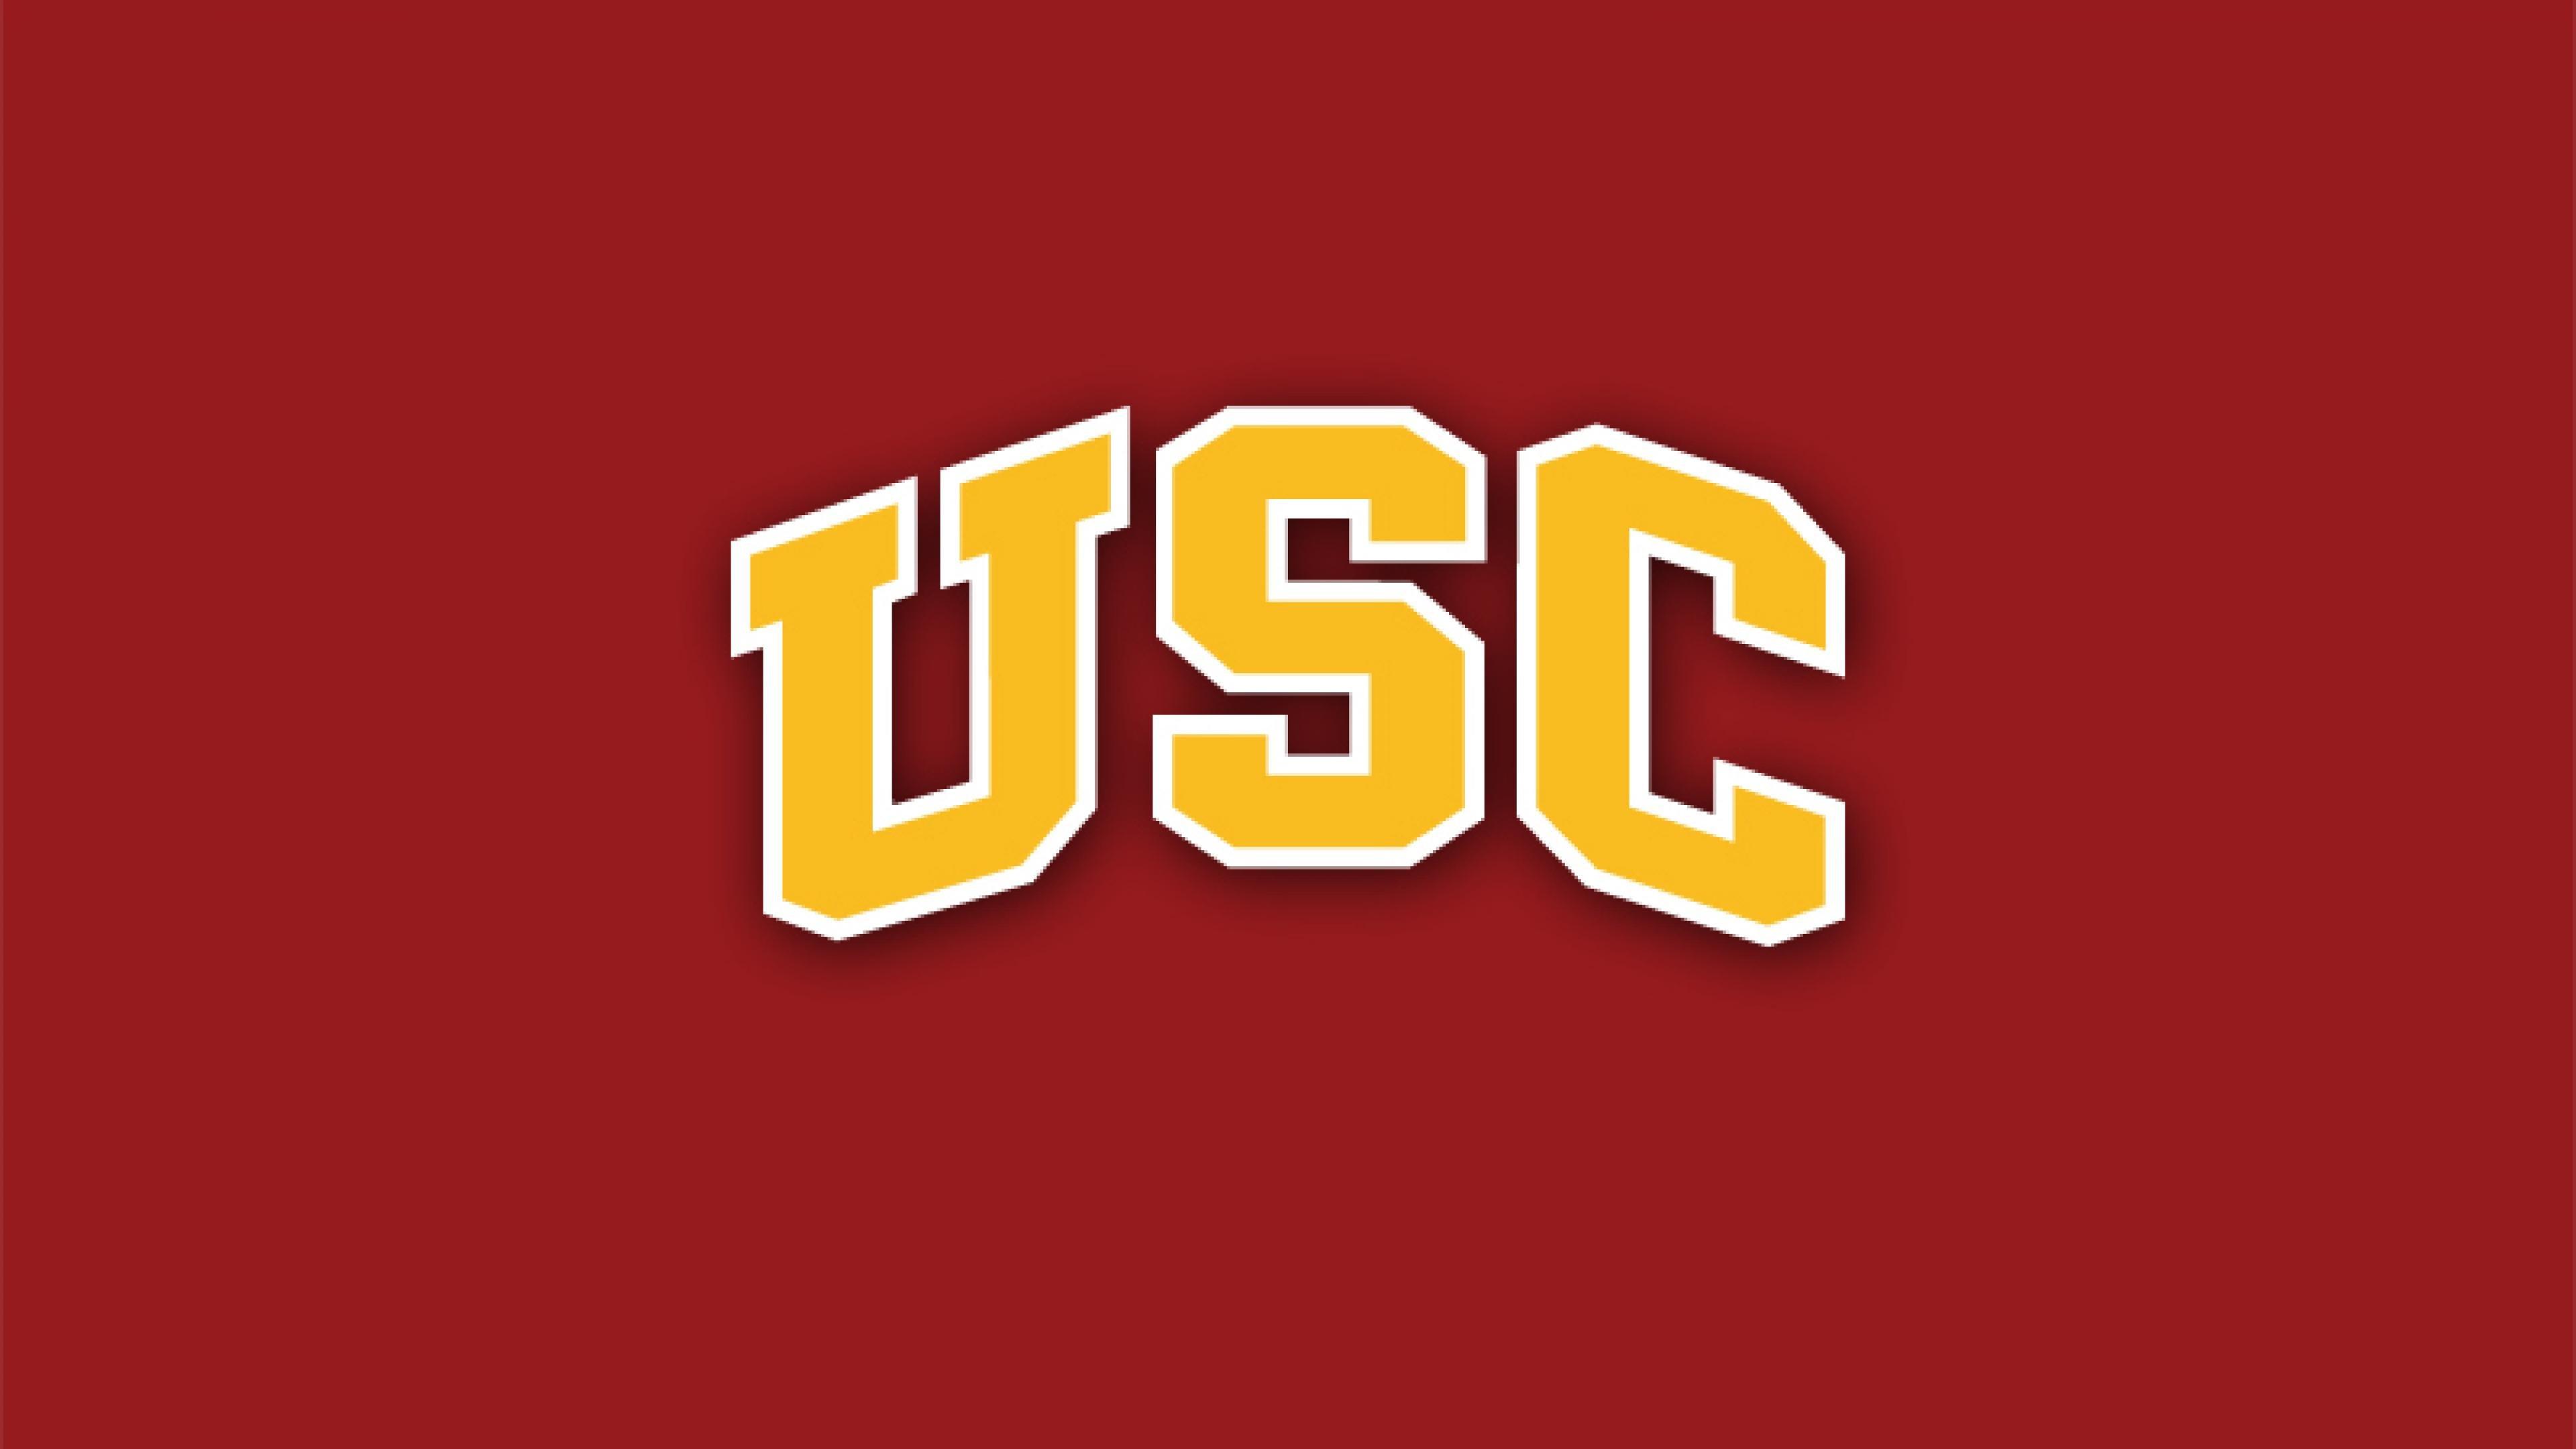 USC TROJANS college football wallpaper 3840x2160 592775 3840x2160